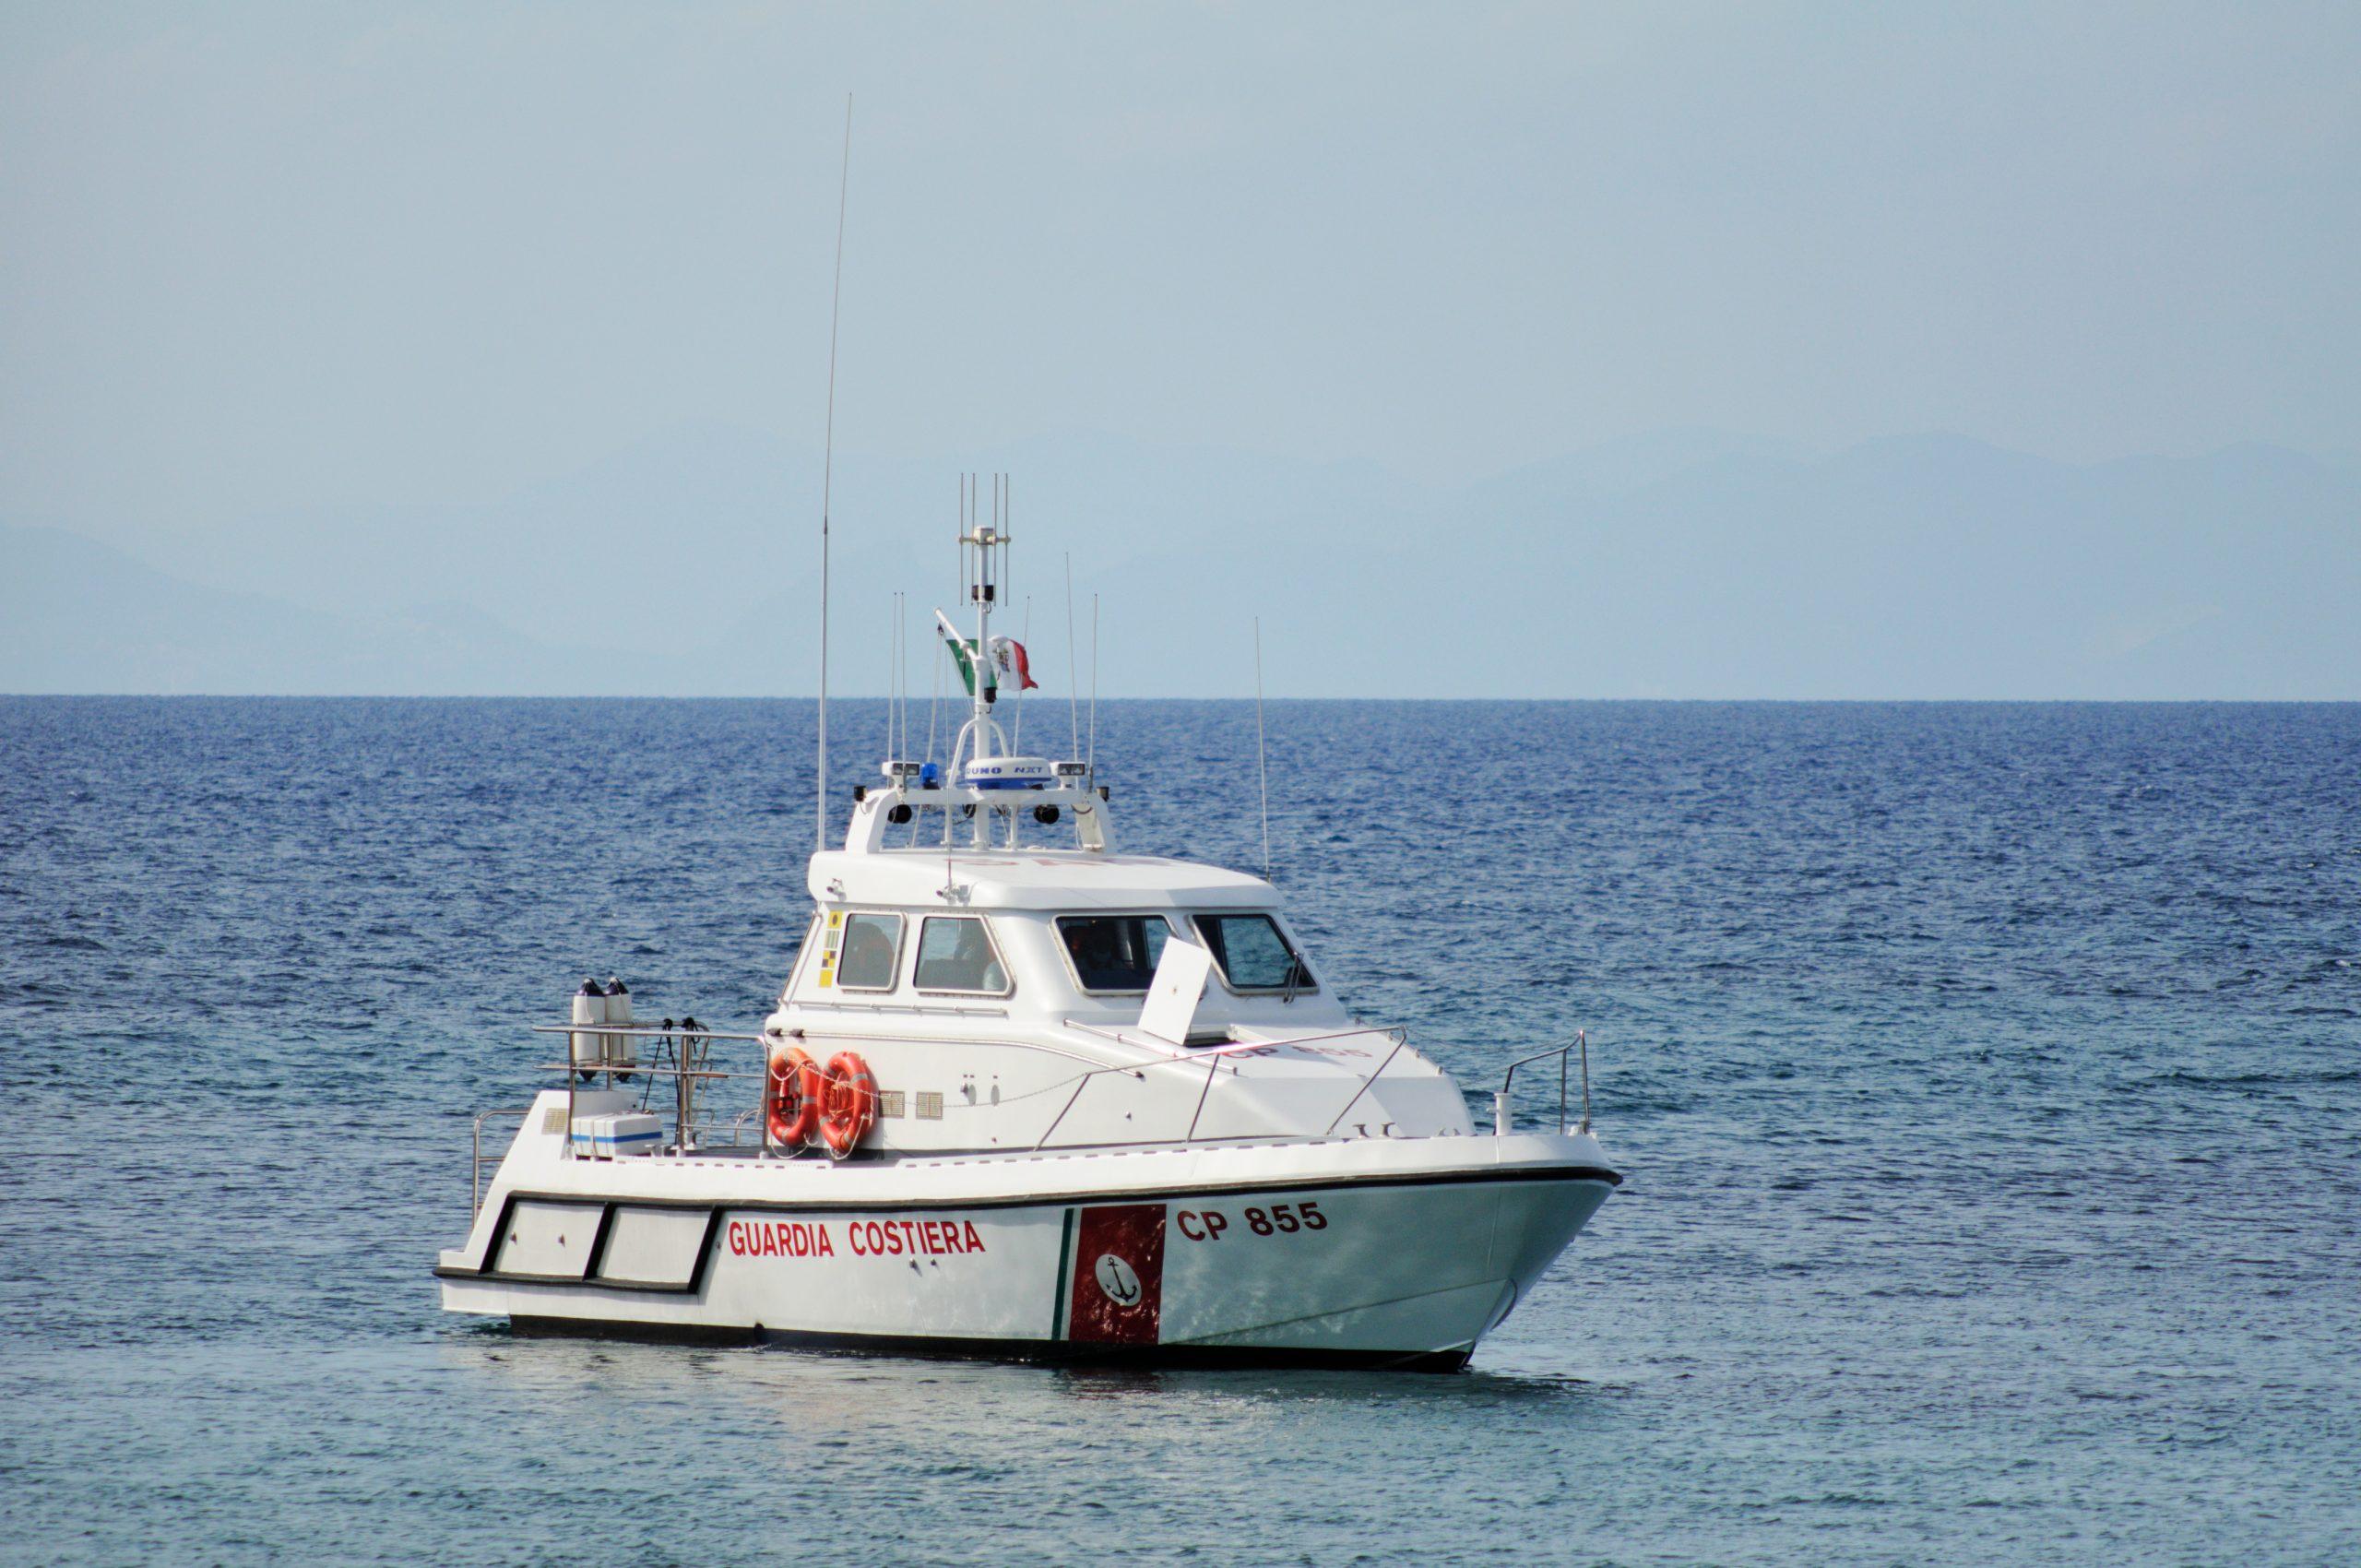 Operazione 'Mare sicuro 2021': la guardia costiera pronta a sorvegliare le coste del Cilento